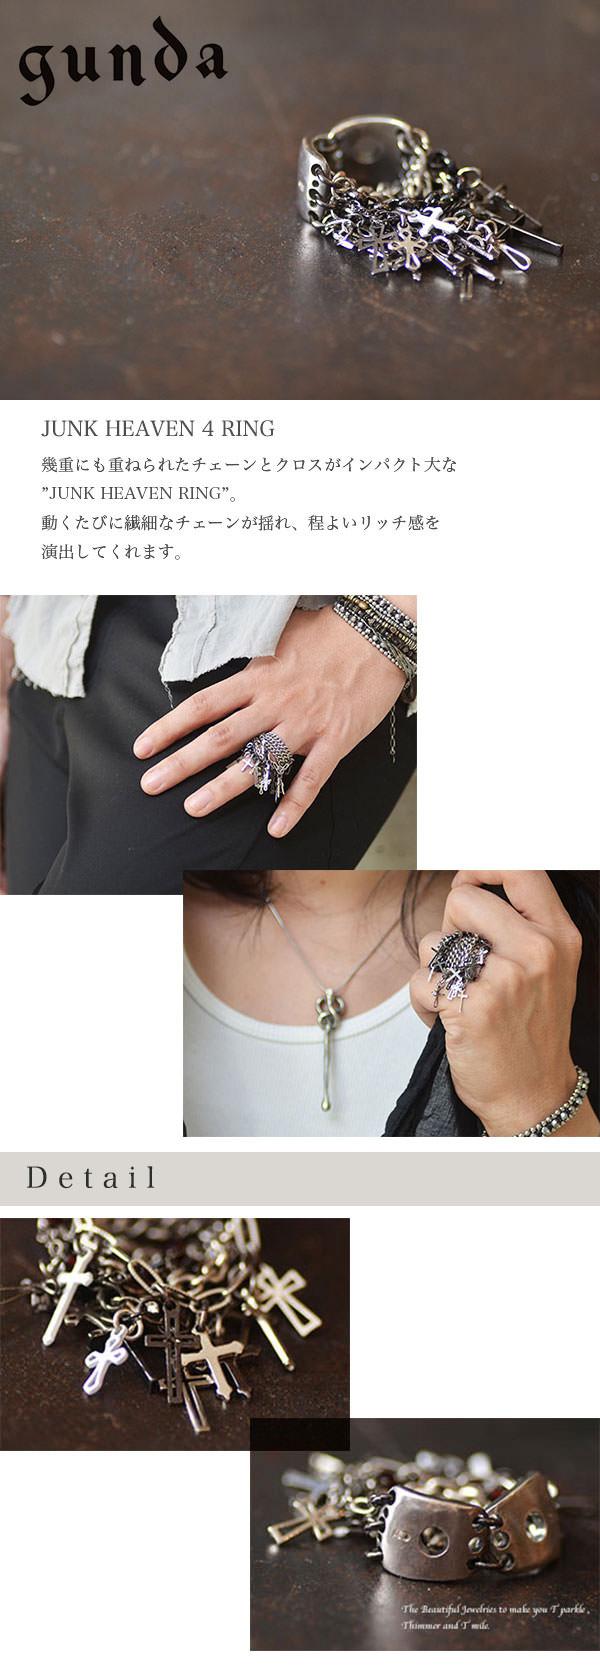 ガンダ / gunda / リング / RING / ジャンクヘブン リング / JUNK HEAVEN 4 RING / 指輪 / ジュエリー /  アクセサリー / メンズ / MENS / レディース / LADYS / ユニ